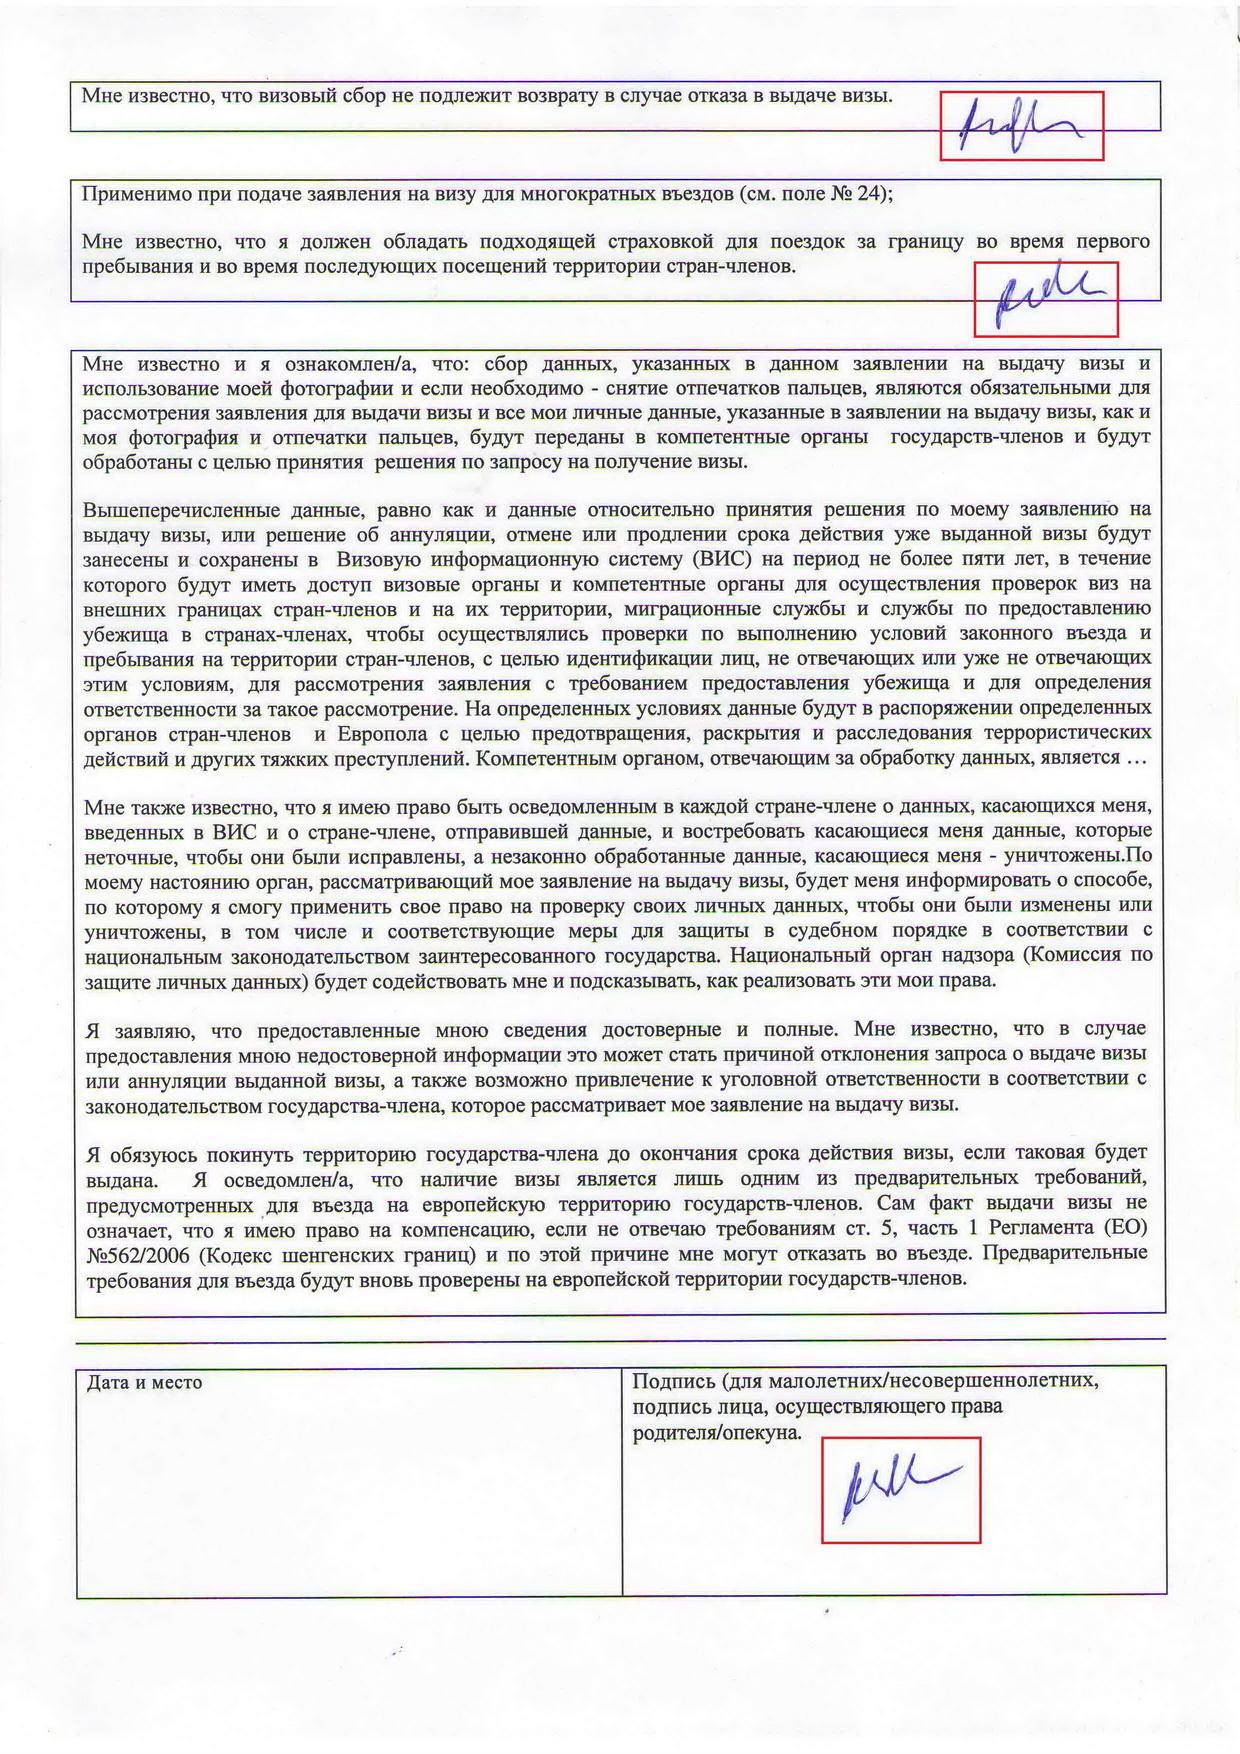 Европейская комиссия надеется на то, что решение о введении безвизового режима с украиной будет принято в сжатые сроки